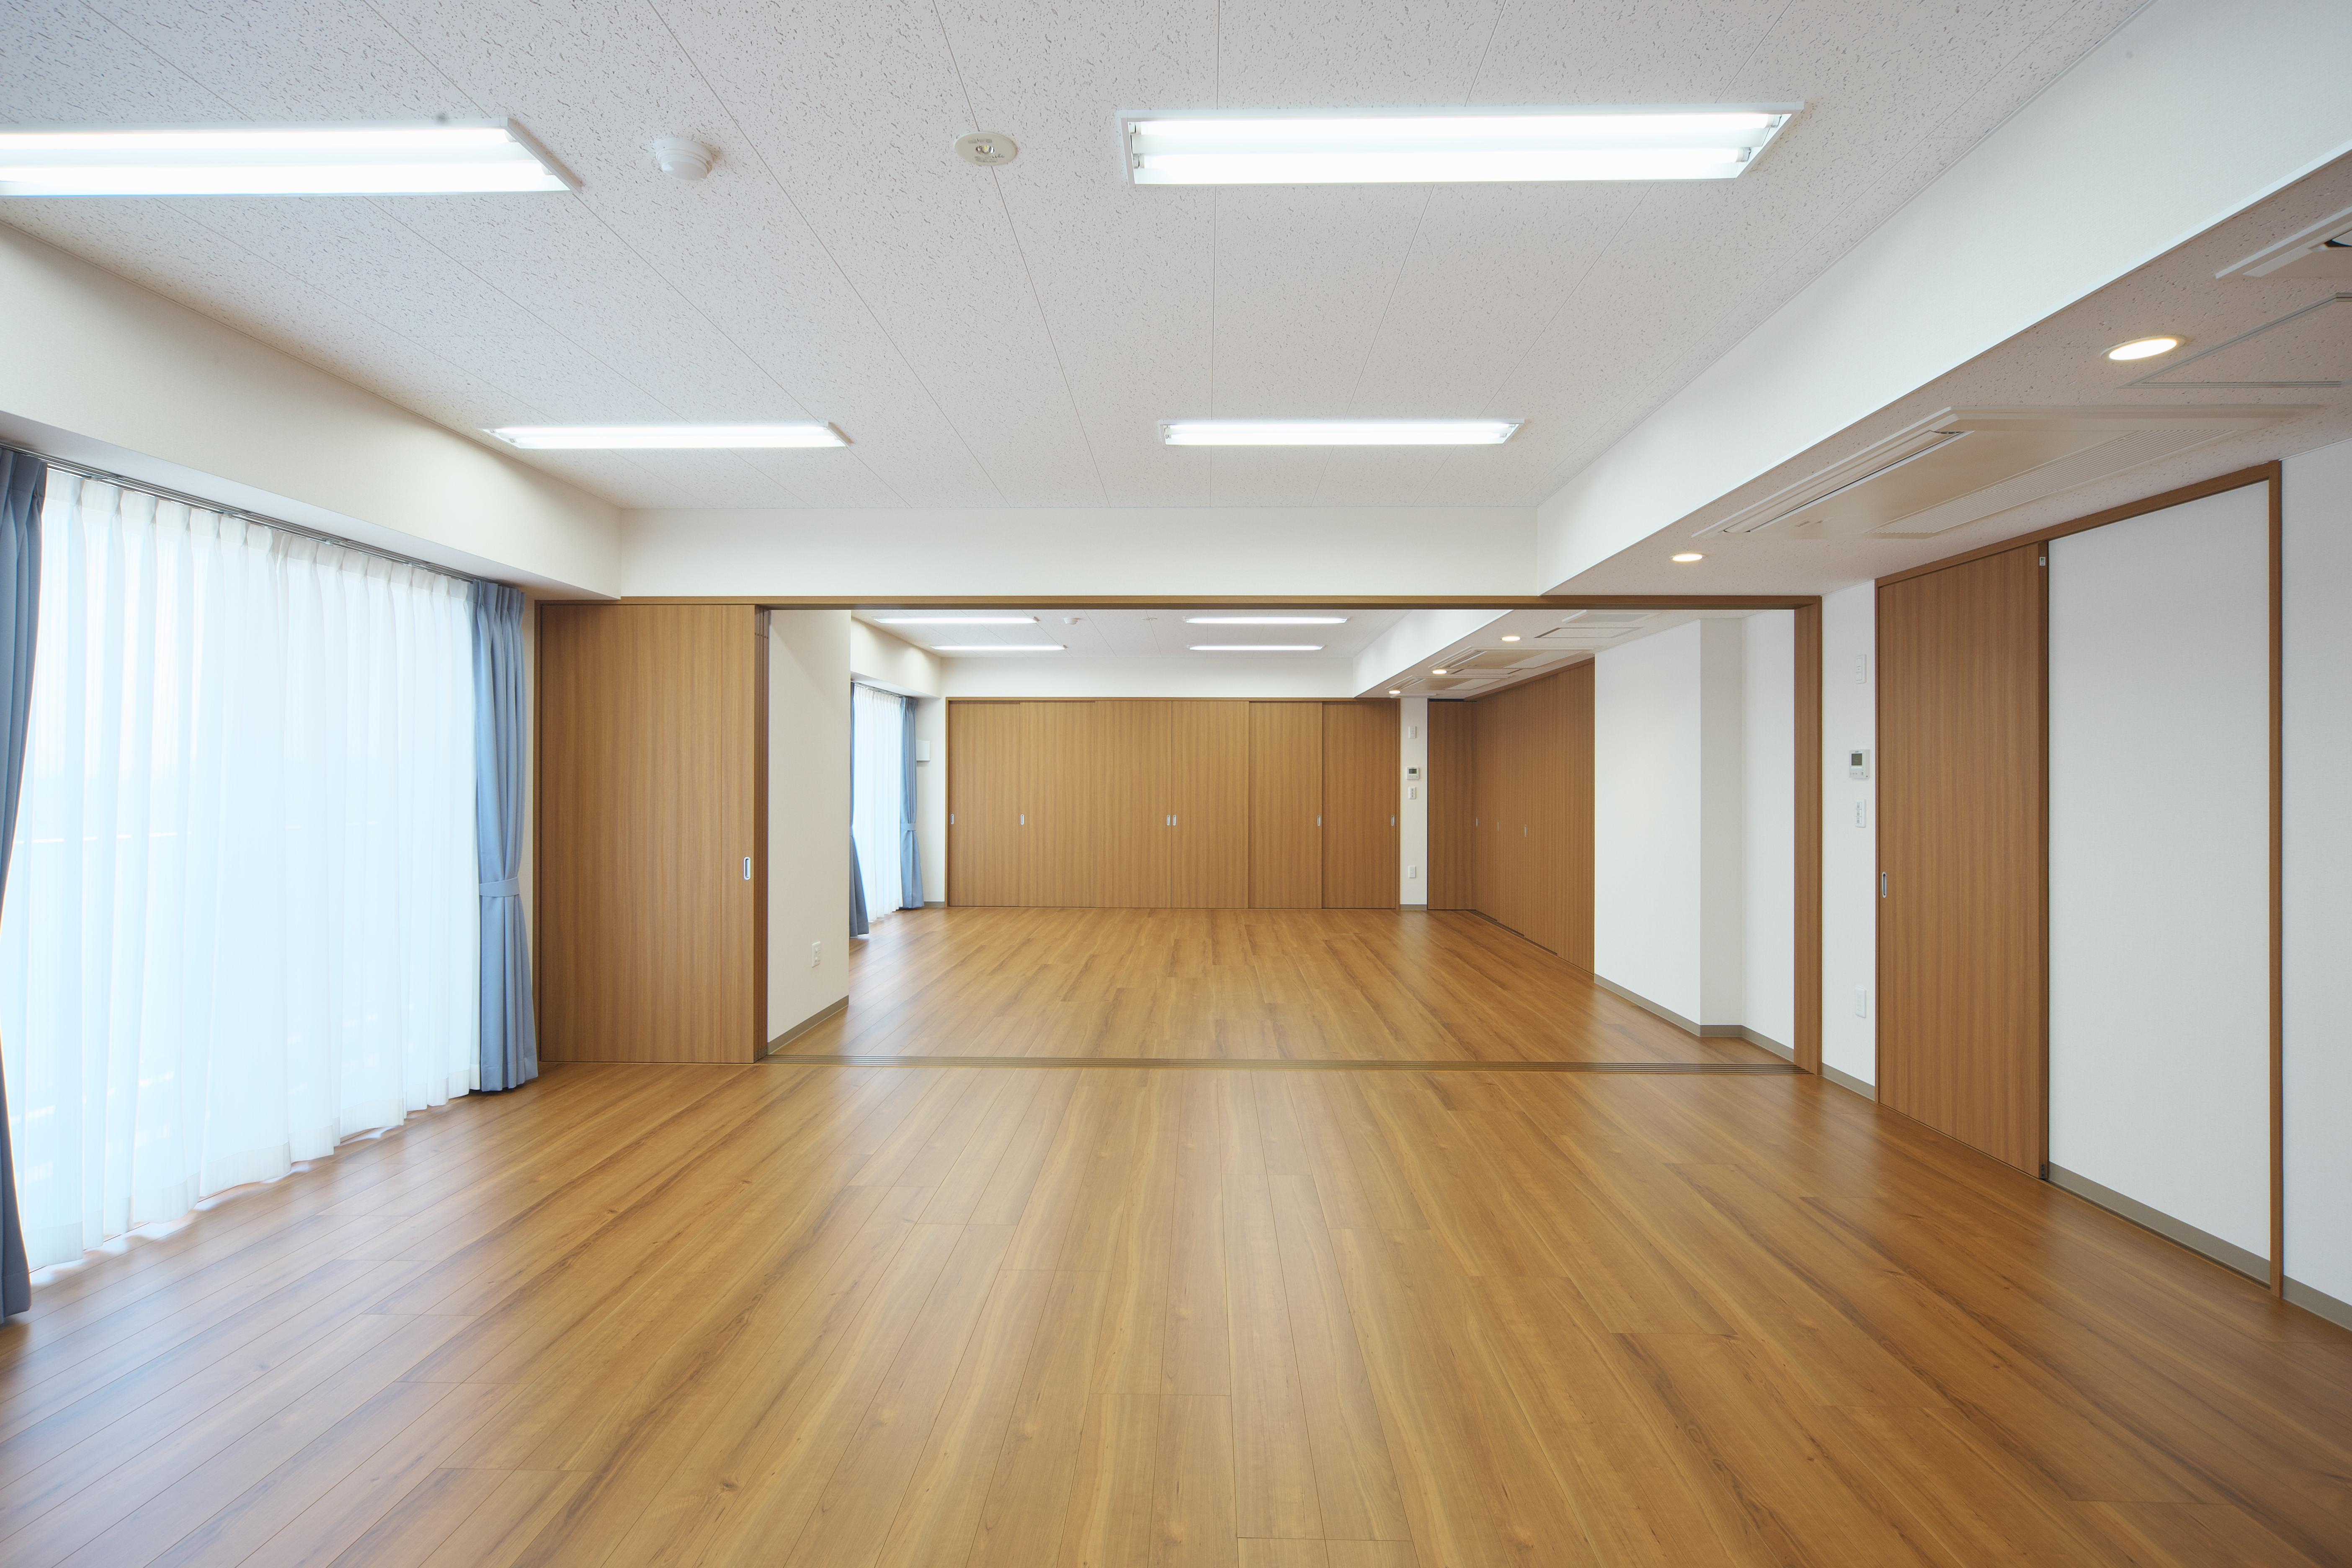 市営住宅|閖上中央第一団地